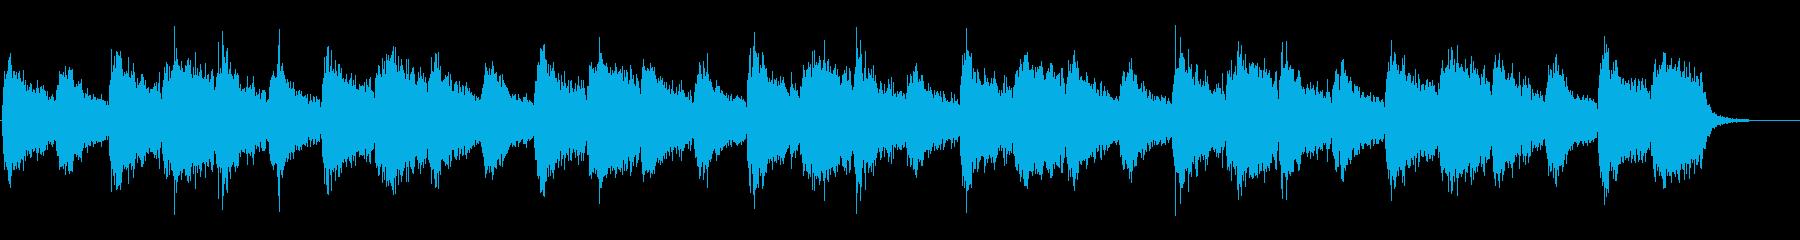 厳かな雰囲気のアンビエント(神殿、洞窟)の再生済みの波形